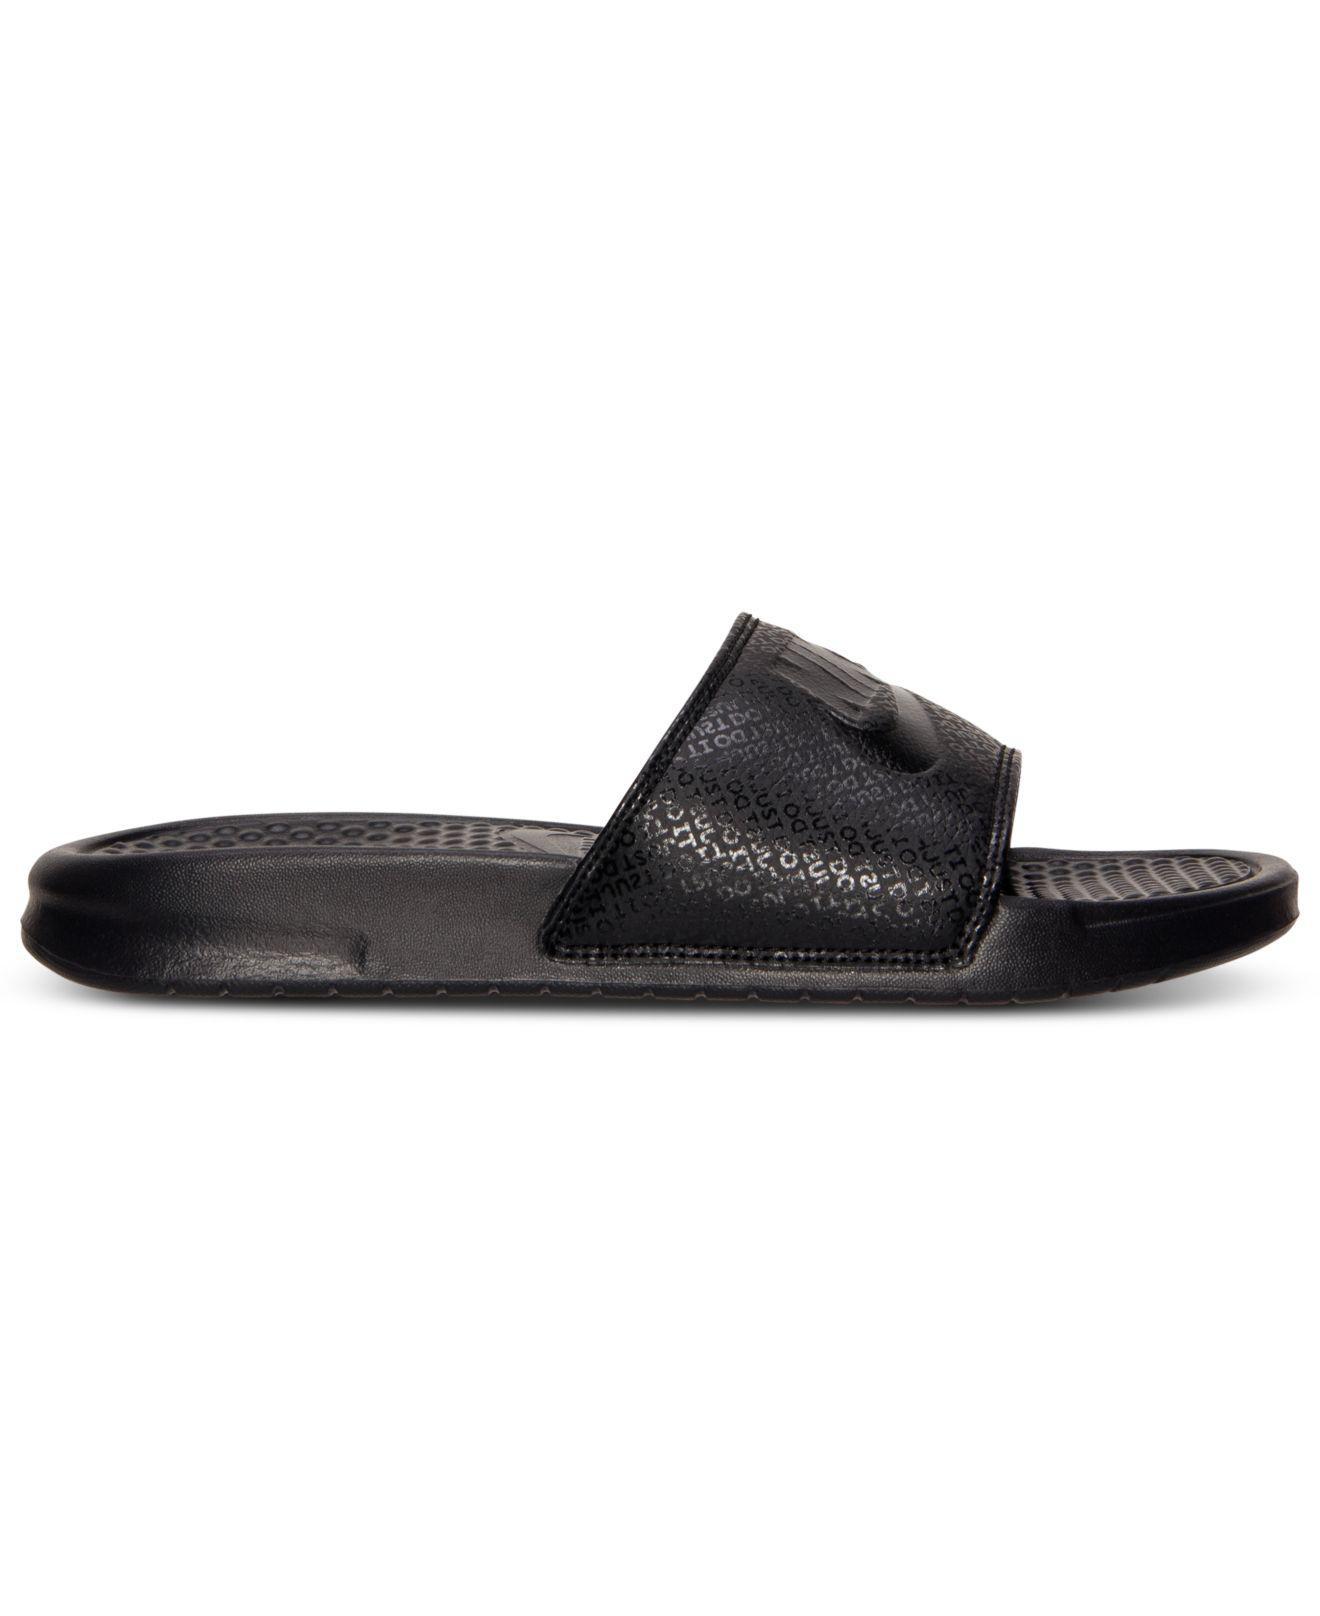 save off 028a2 8b8ee Nike Men s Benassi Jdi Slide Sandals From Finish Line in Black for Men -  Lyst